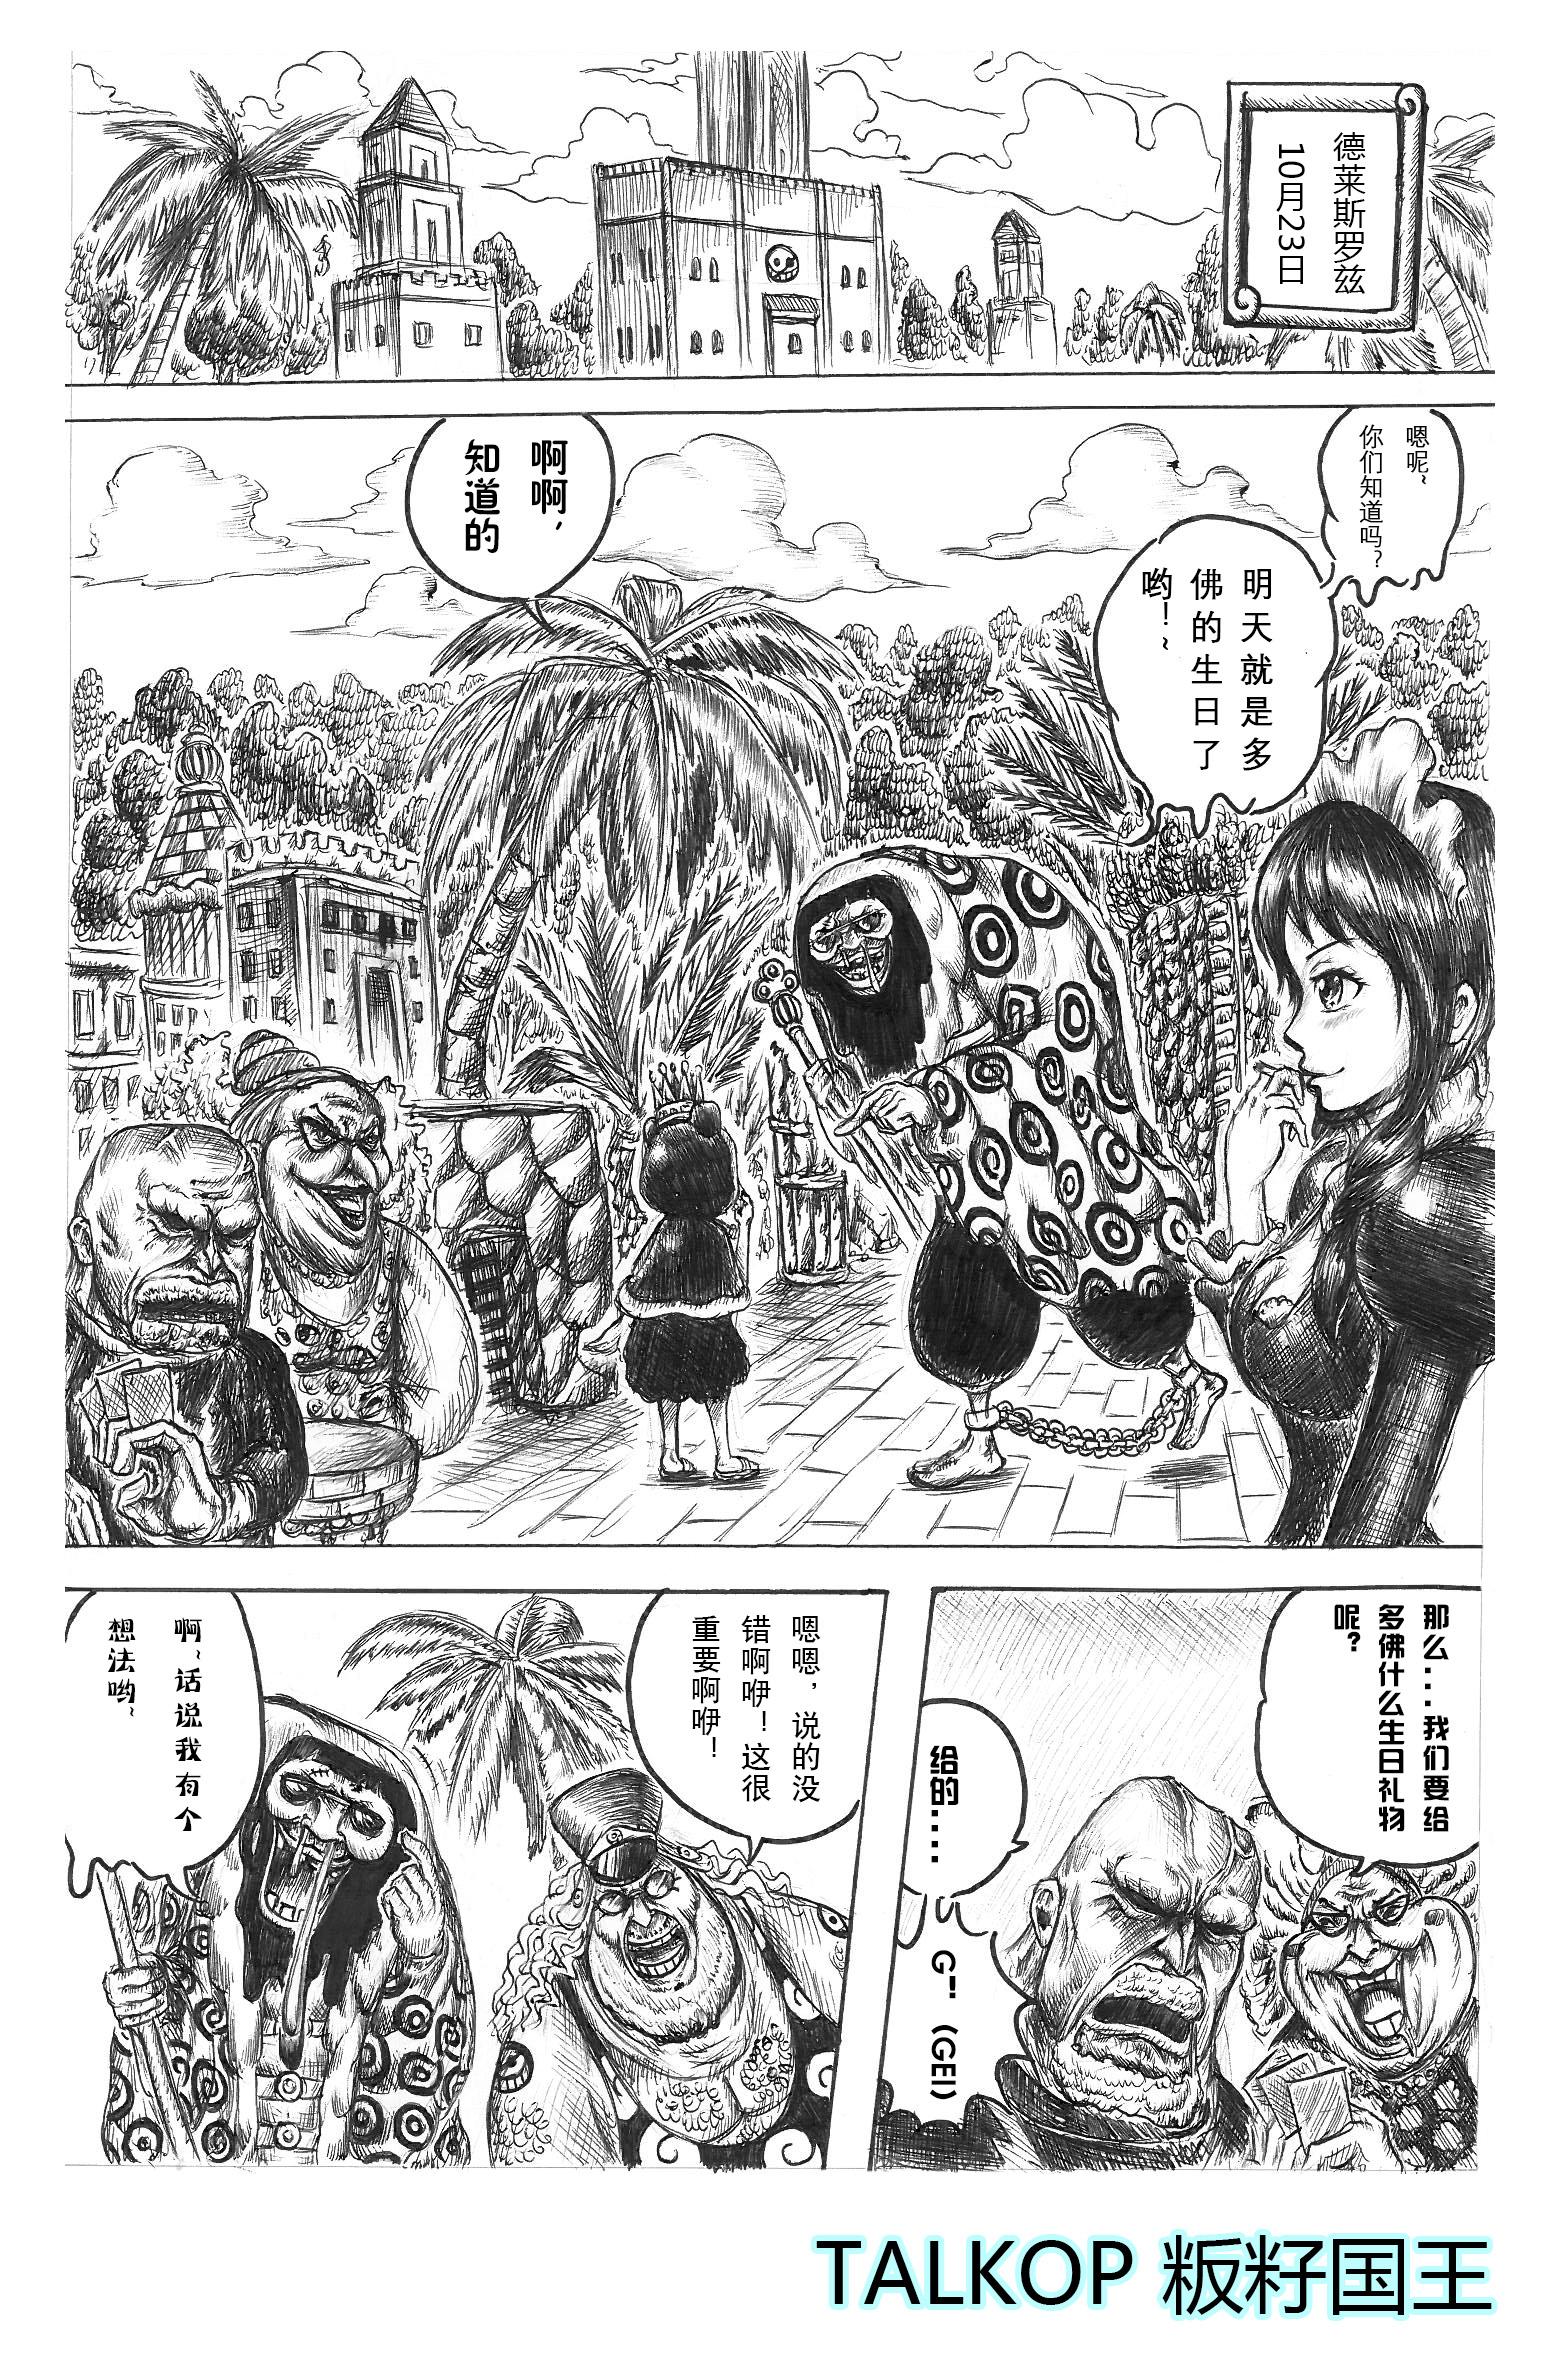 海贼王剧场明哥生日-1 粄籽国王.jpg